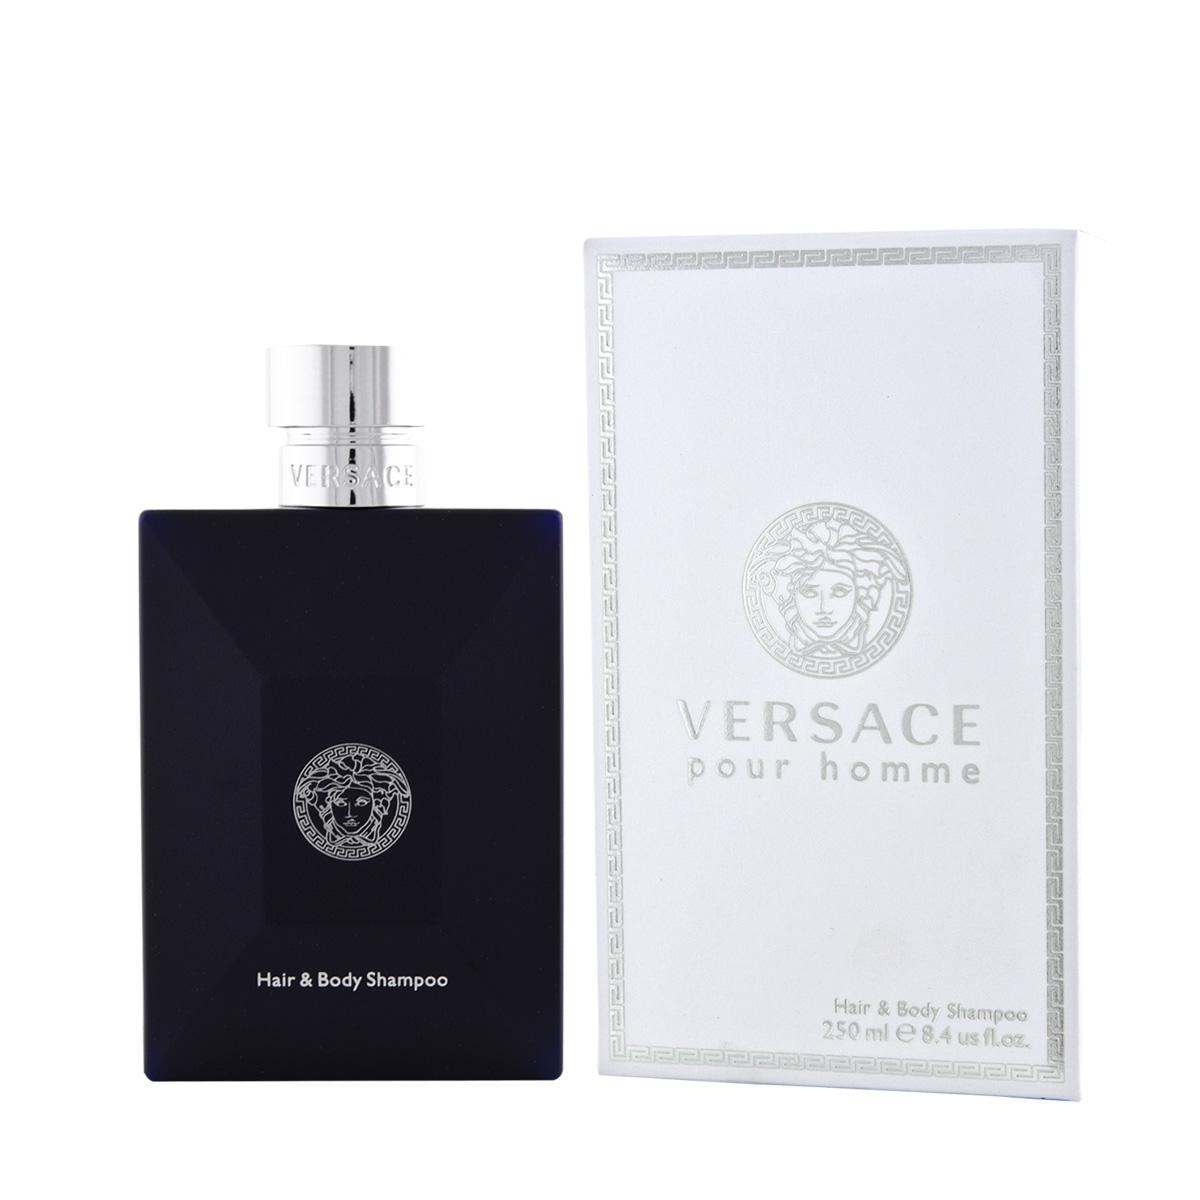 Versace Pour Homme SG 250 ml M